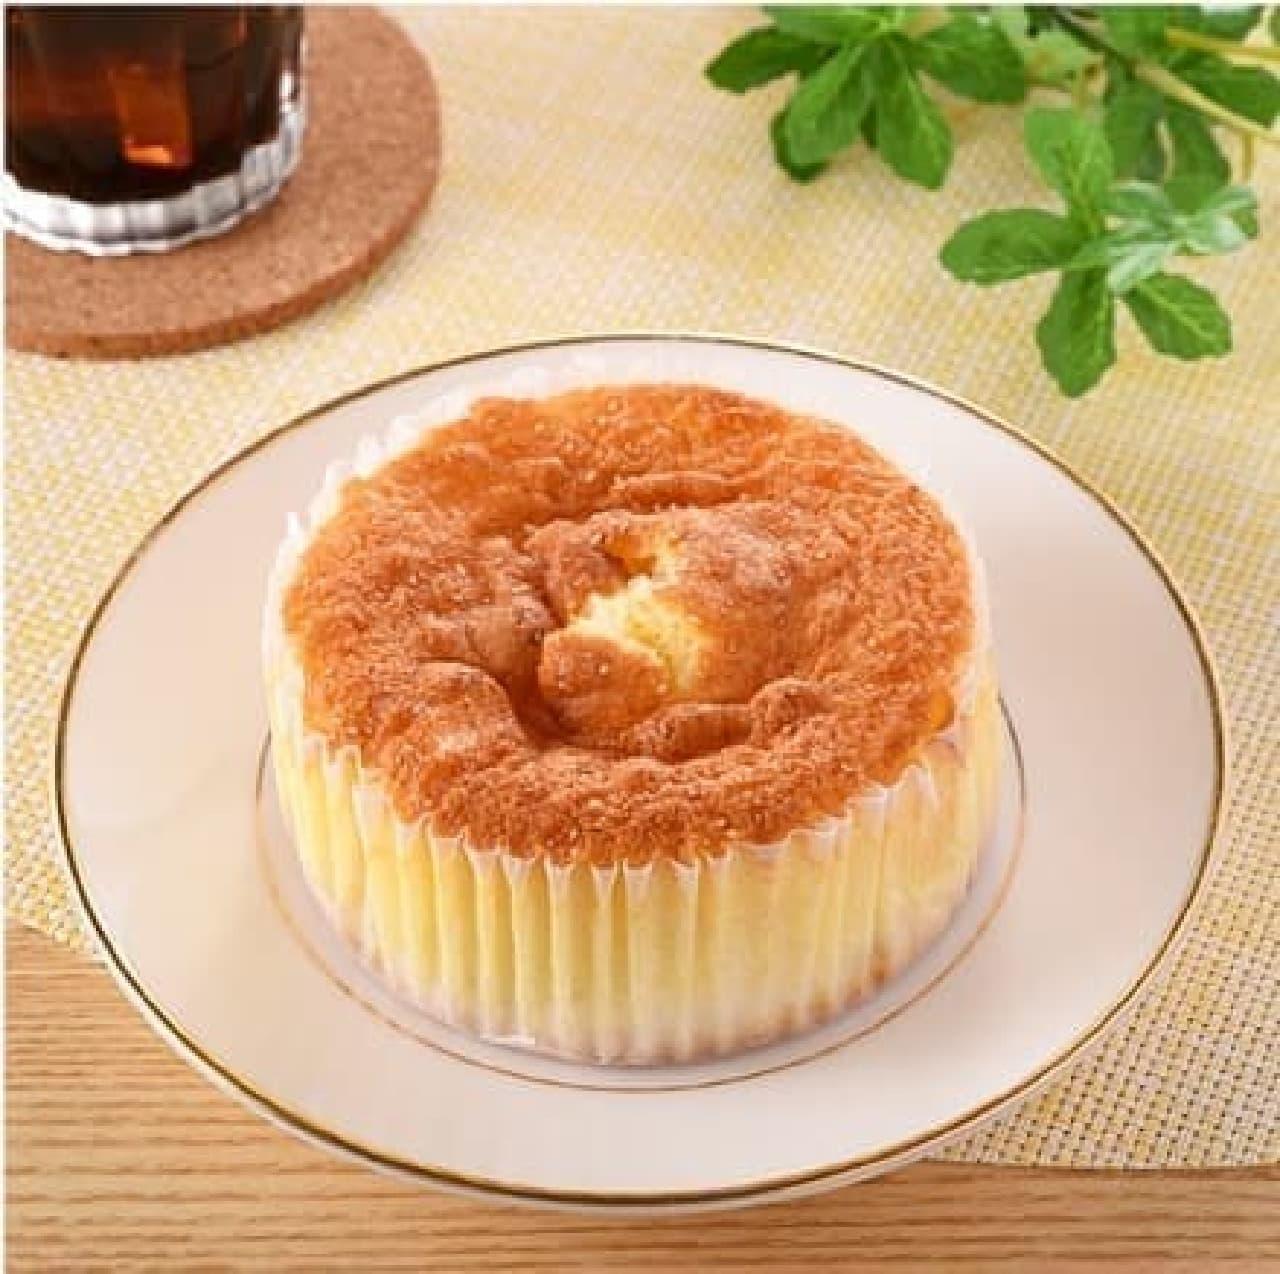 ファミリーマートの「ケーキ仕立てのチーズクリームパン」